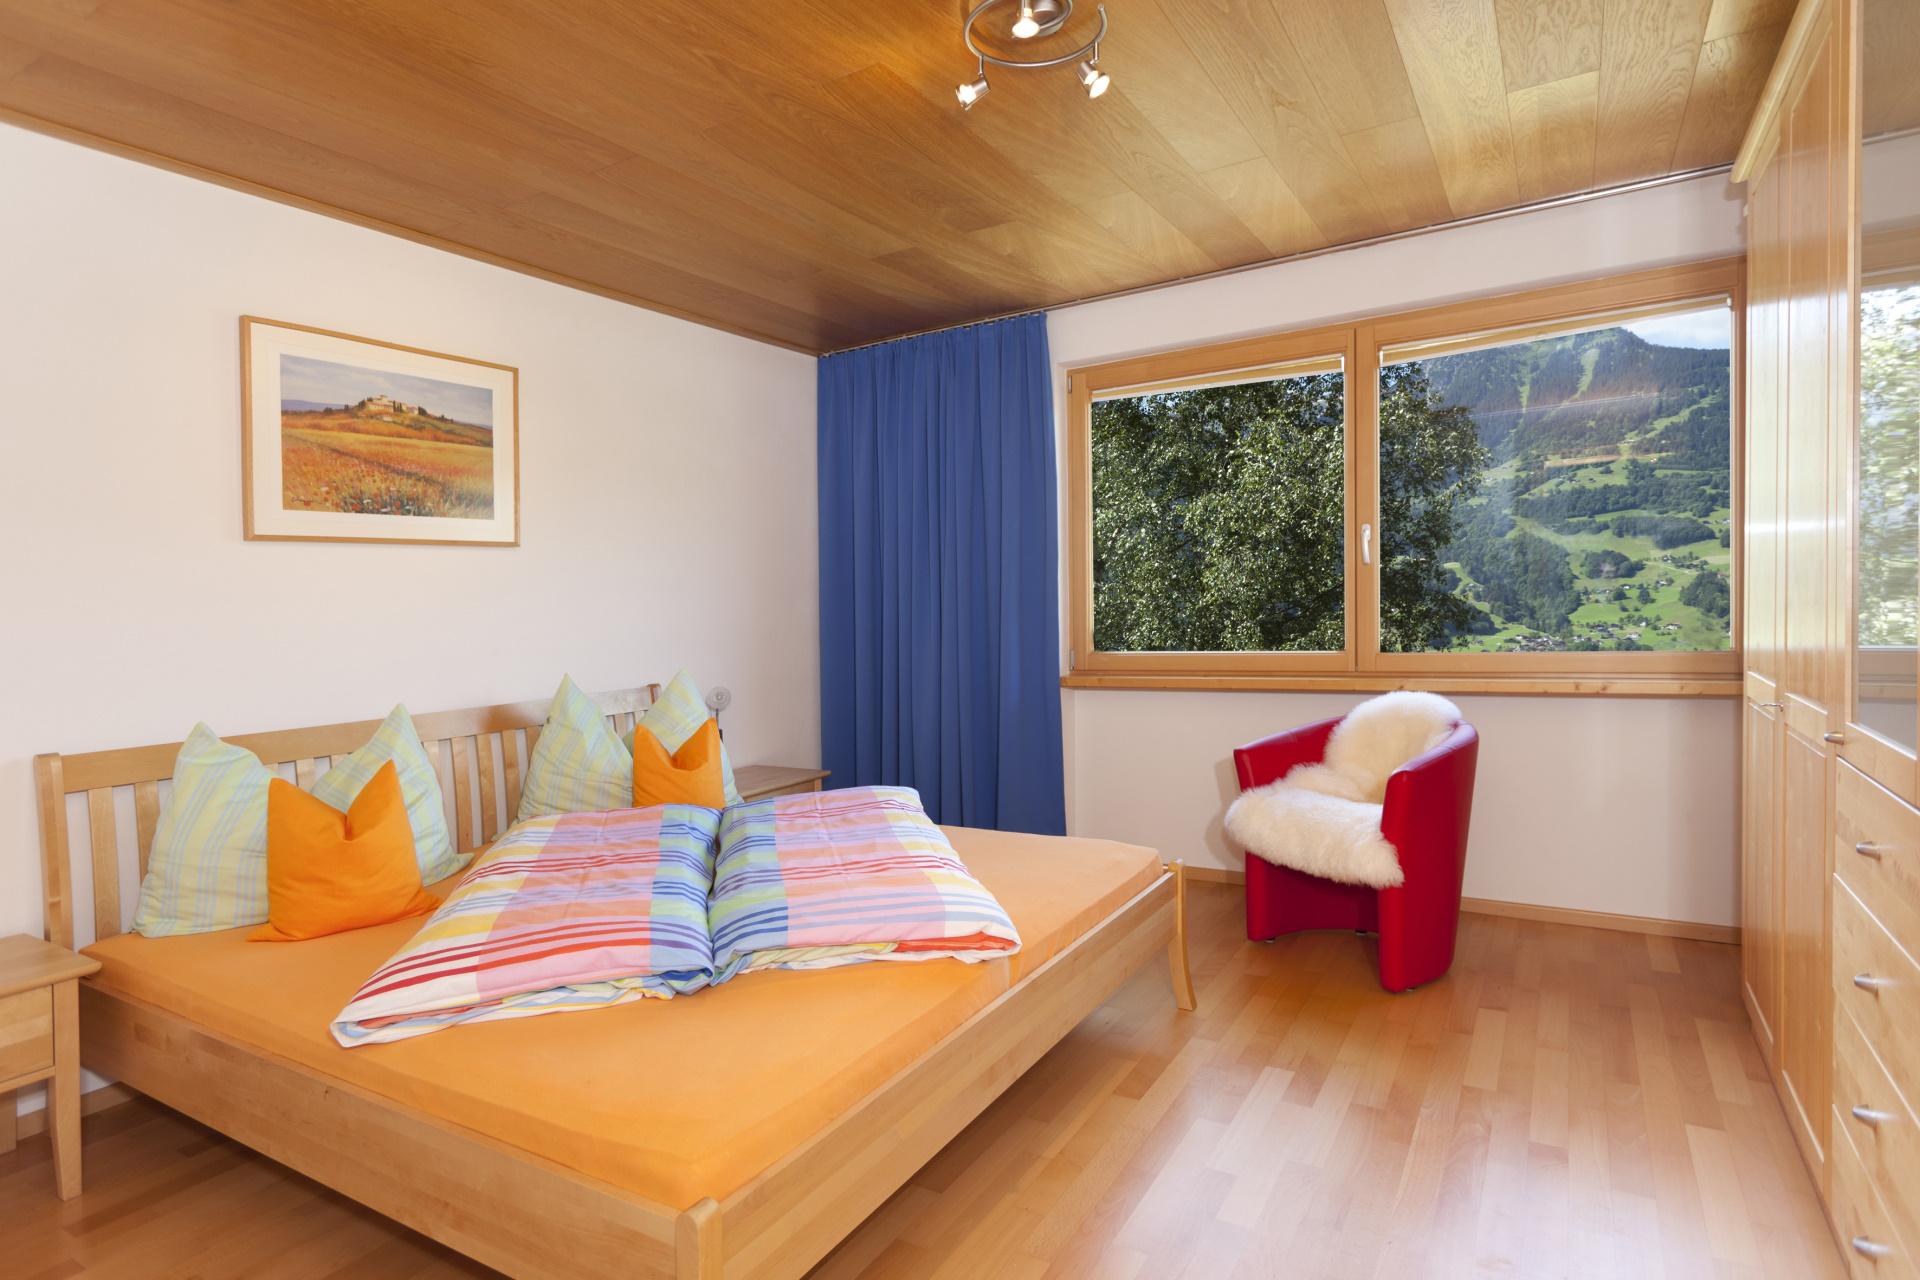 Ferienhaus Grappa Schlafzimmer 2